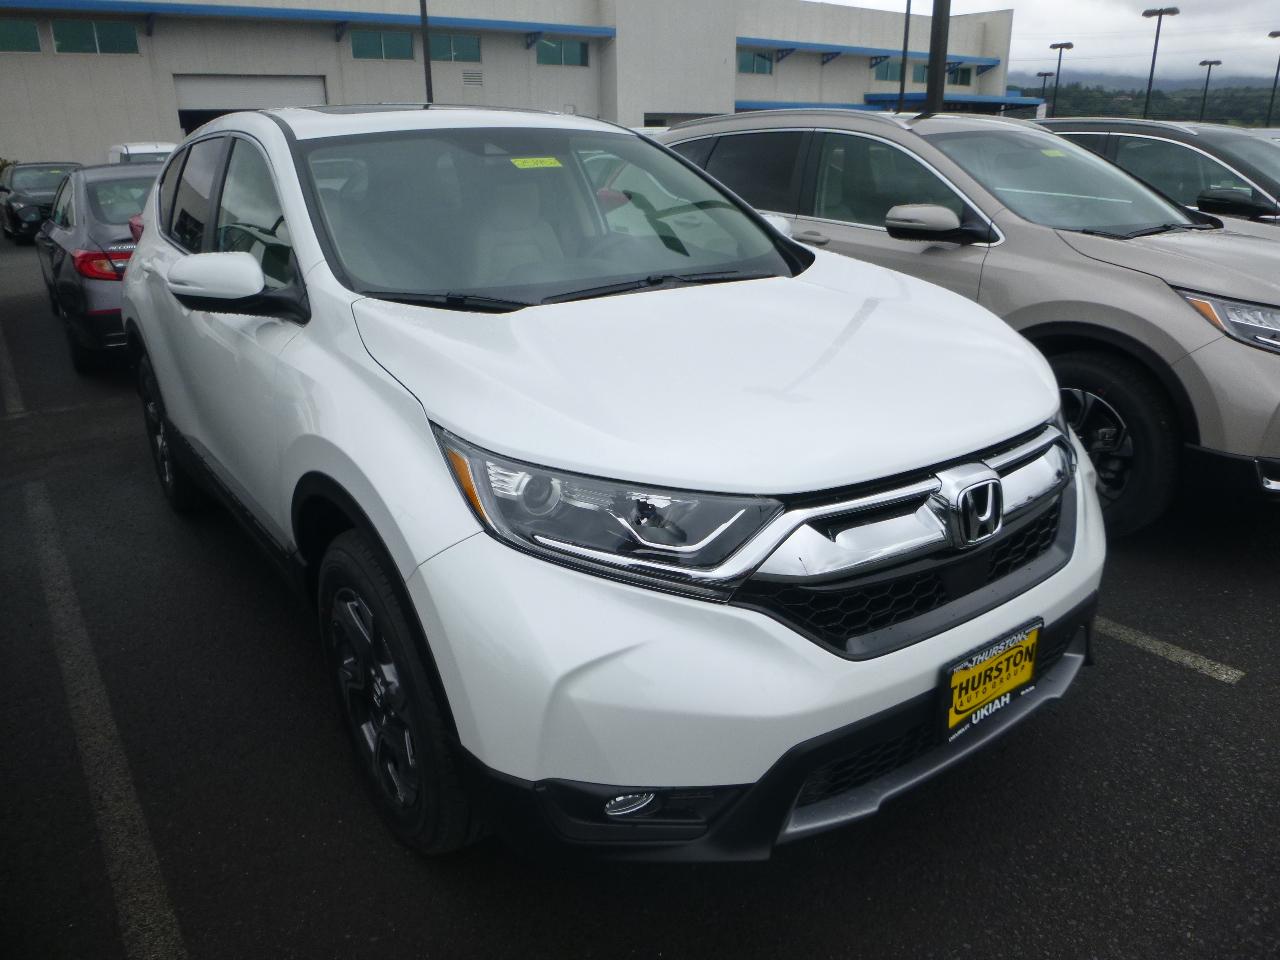 2019 Honda CR-V New and Used Honda Cars, Ukiah, CA Thurston